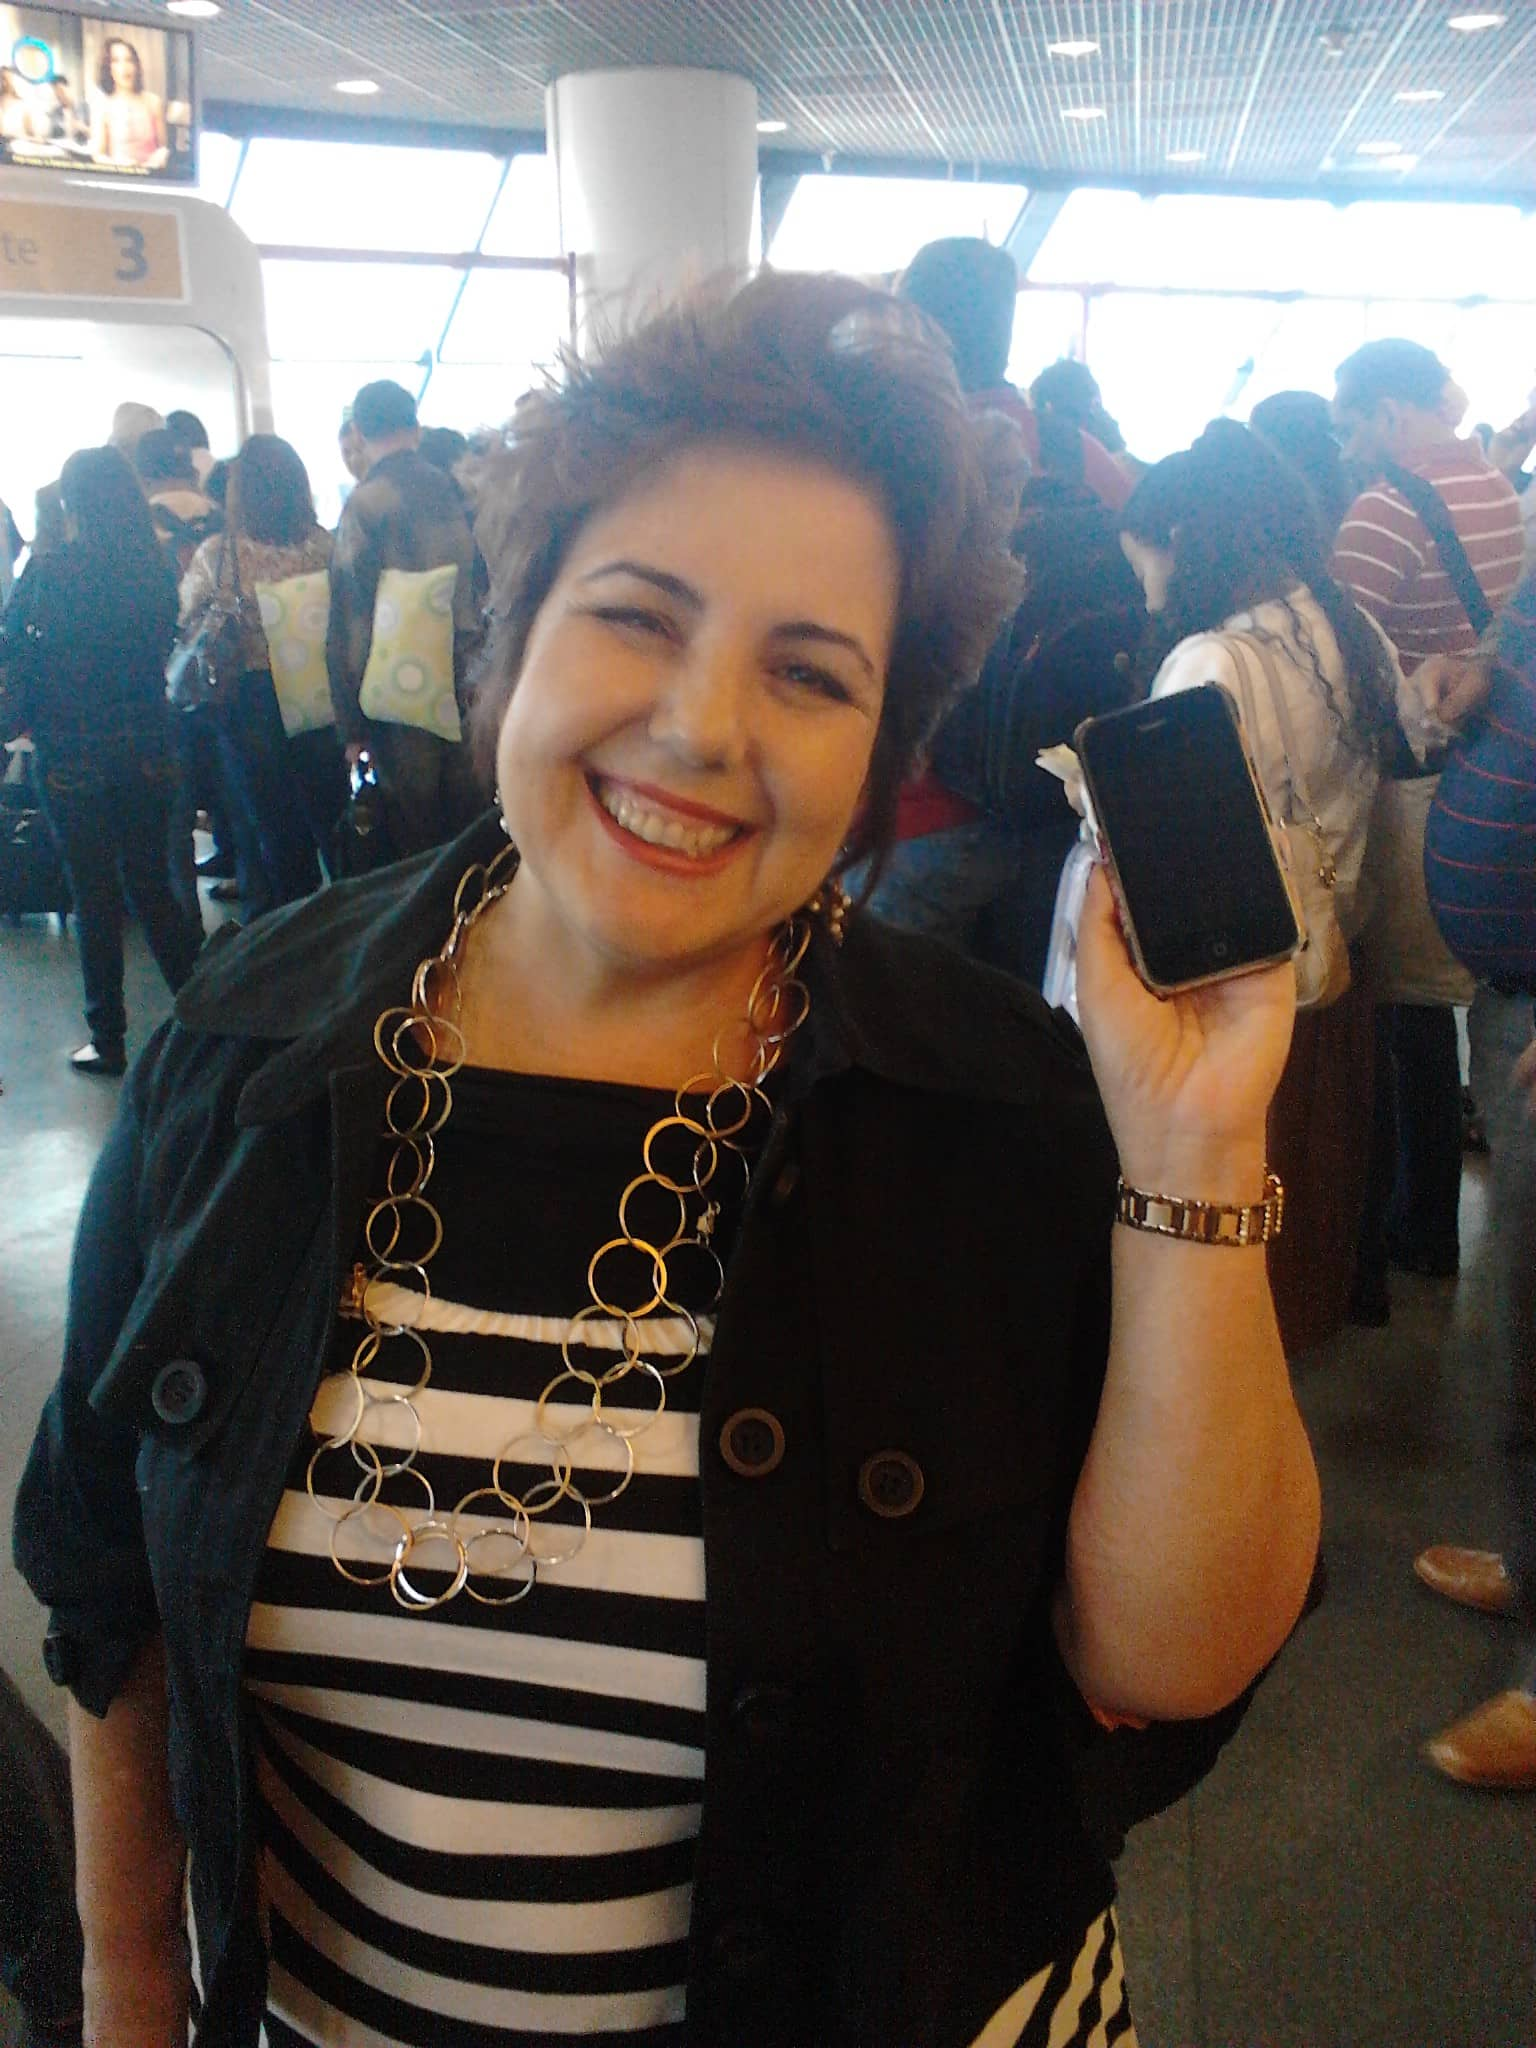 Perdeu o iPhone no aeroporto, alguém encontrou, e deixou nos achados e perdidos 3